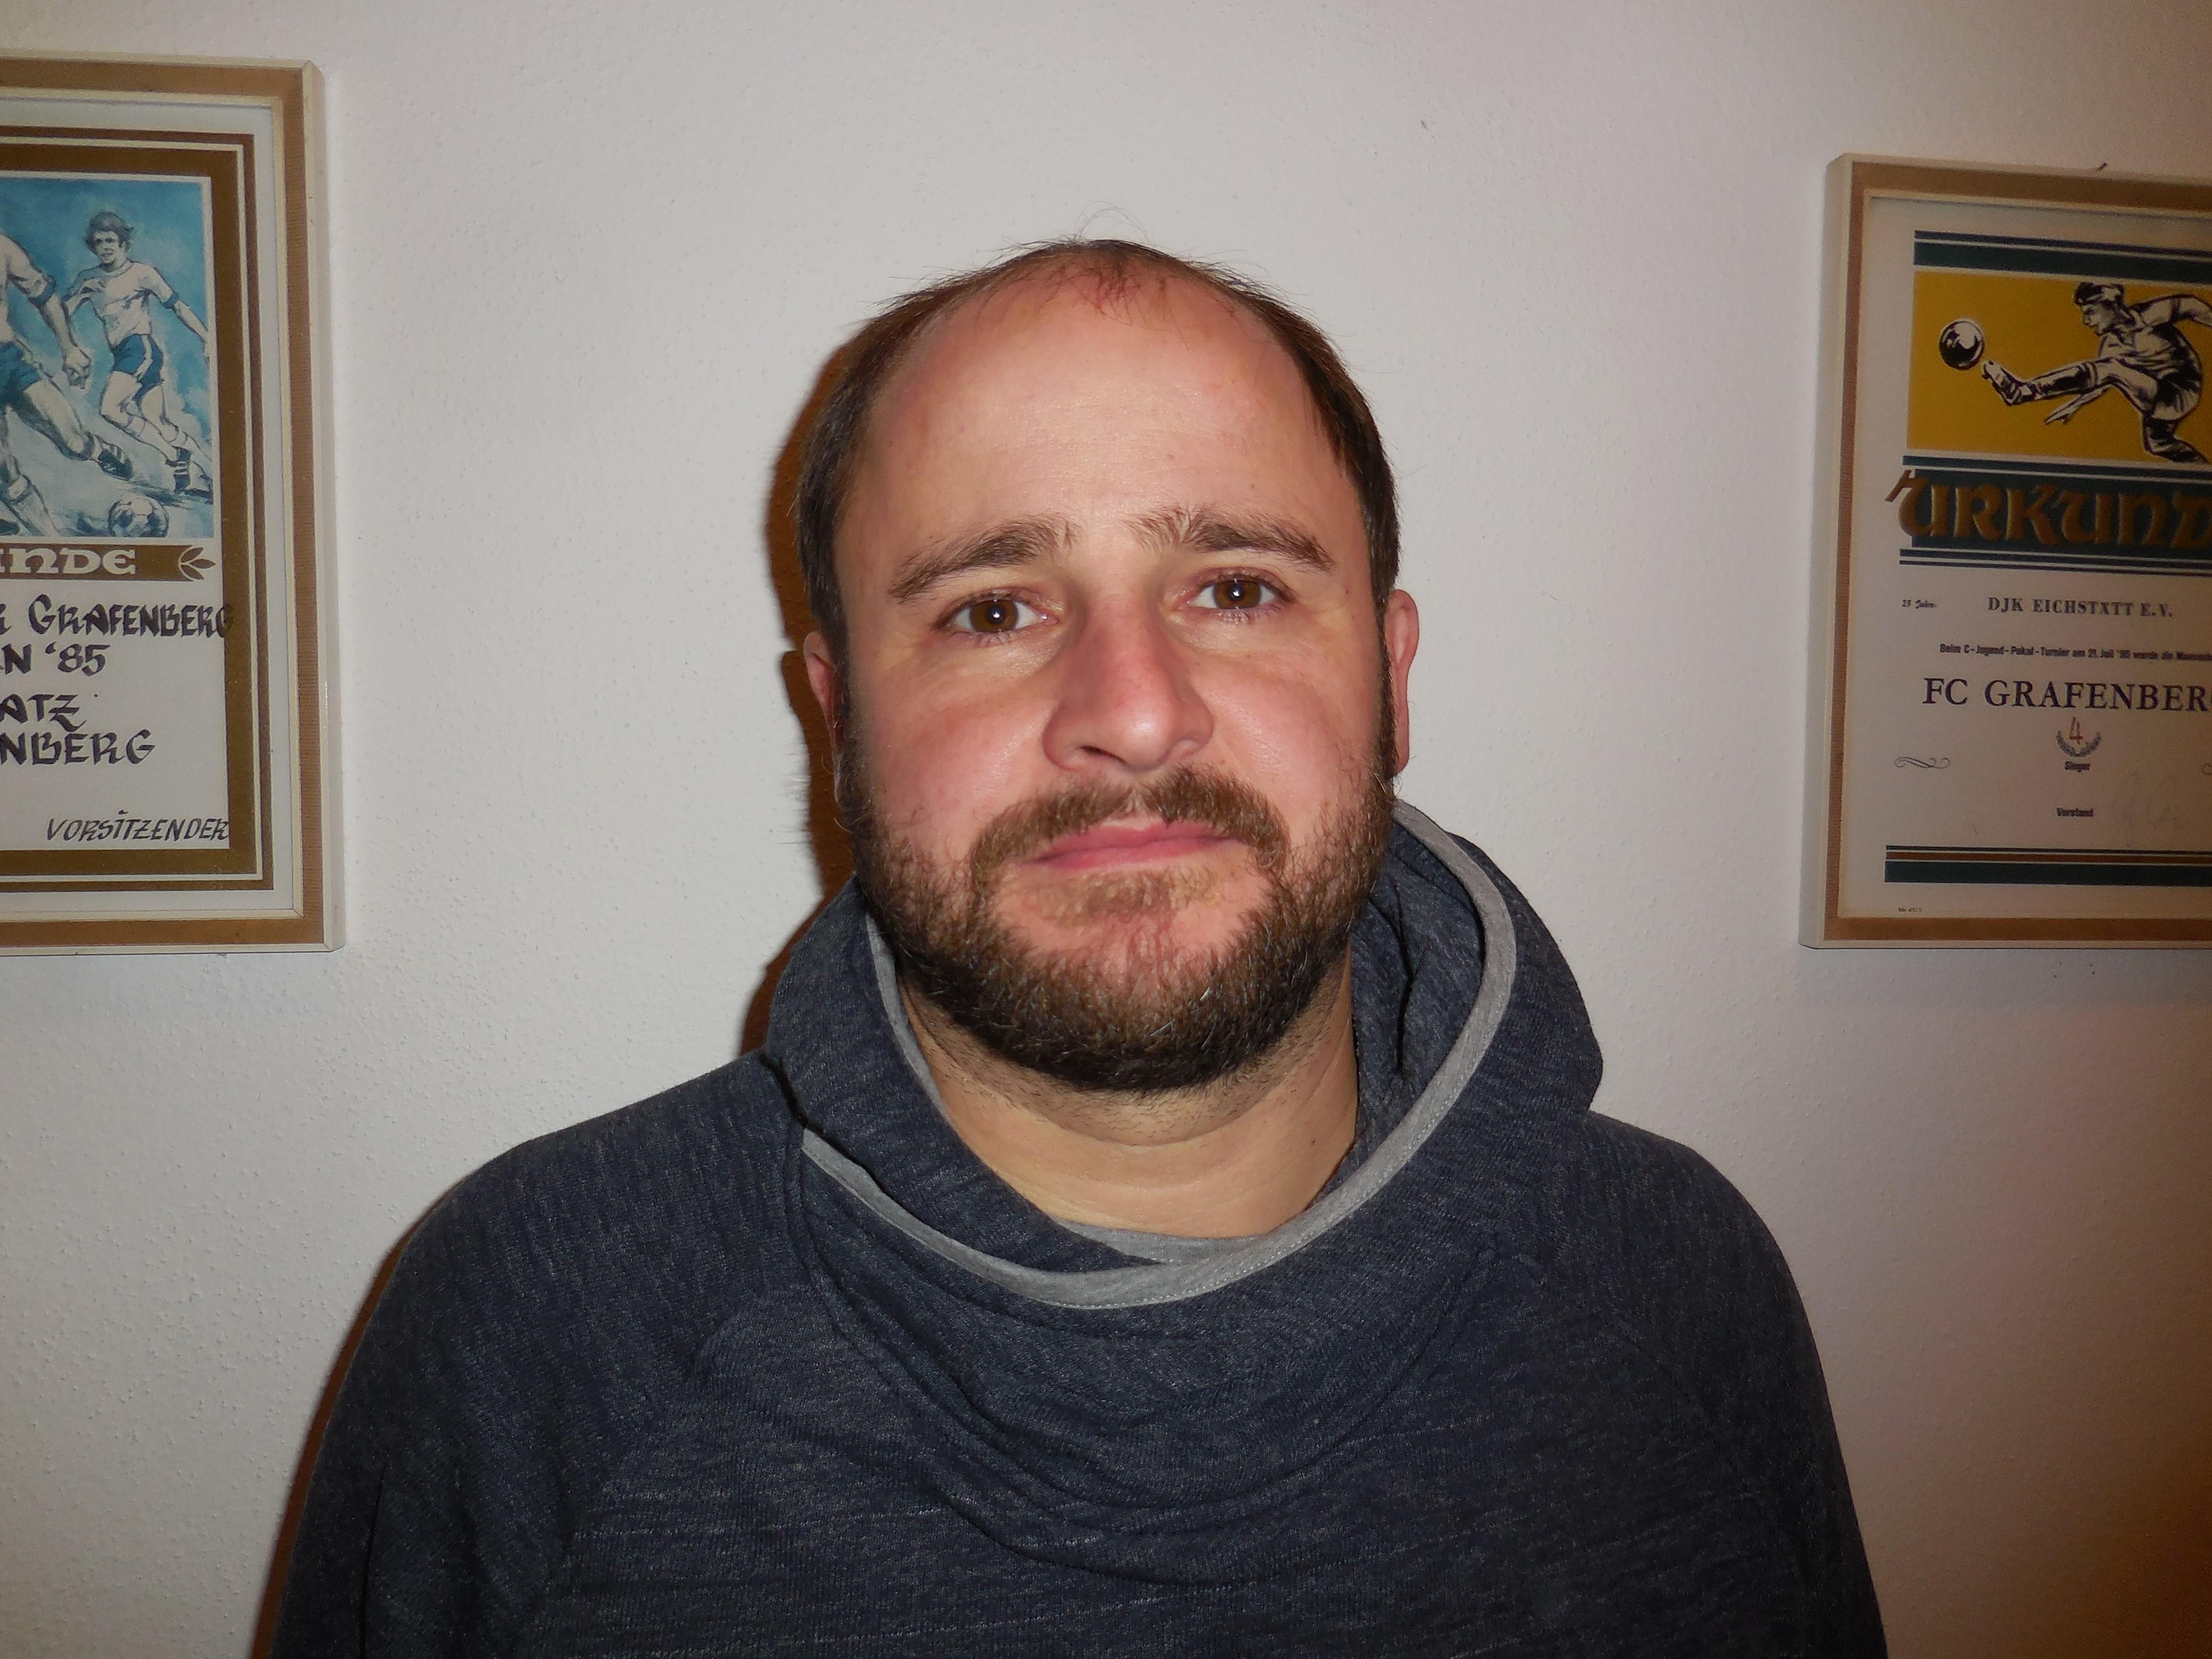 Manfred Apelsmeier